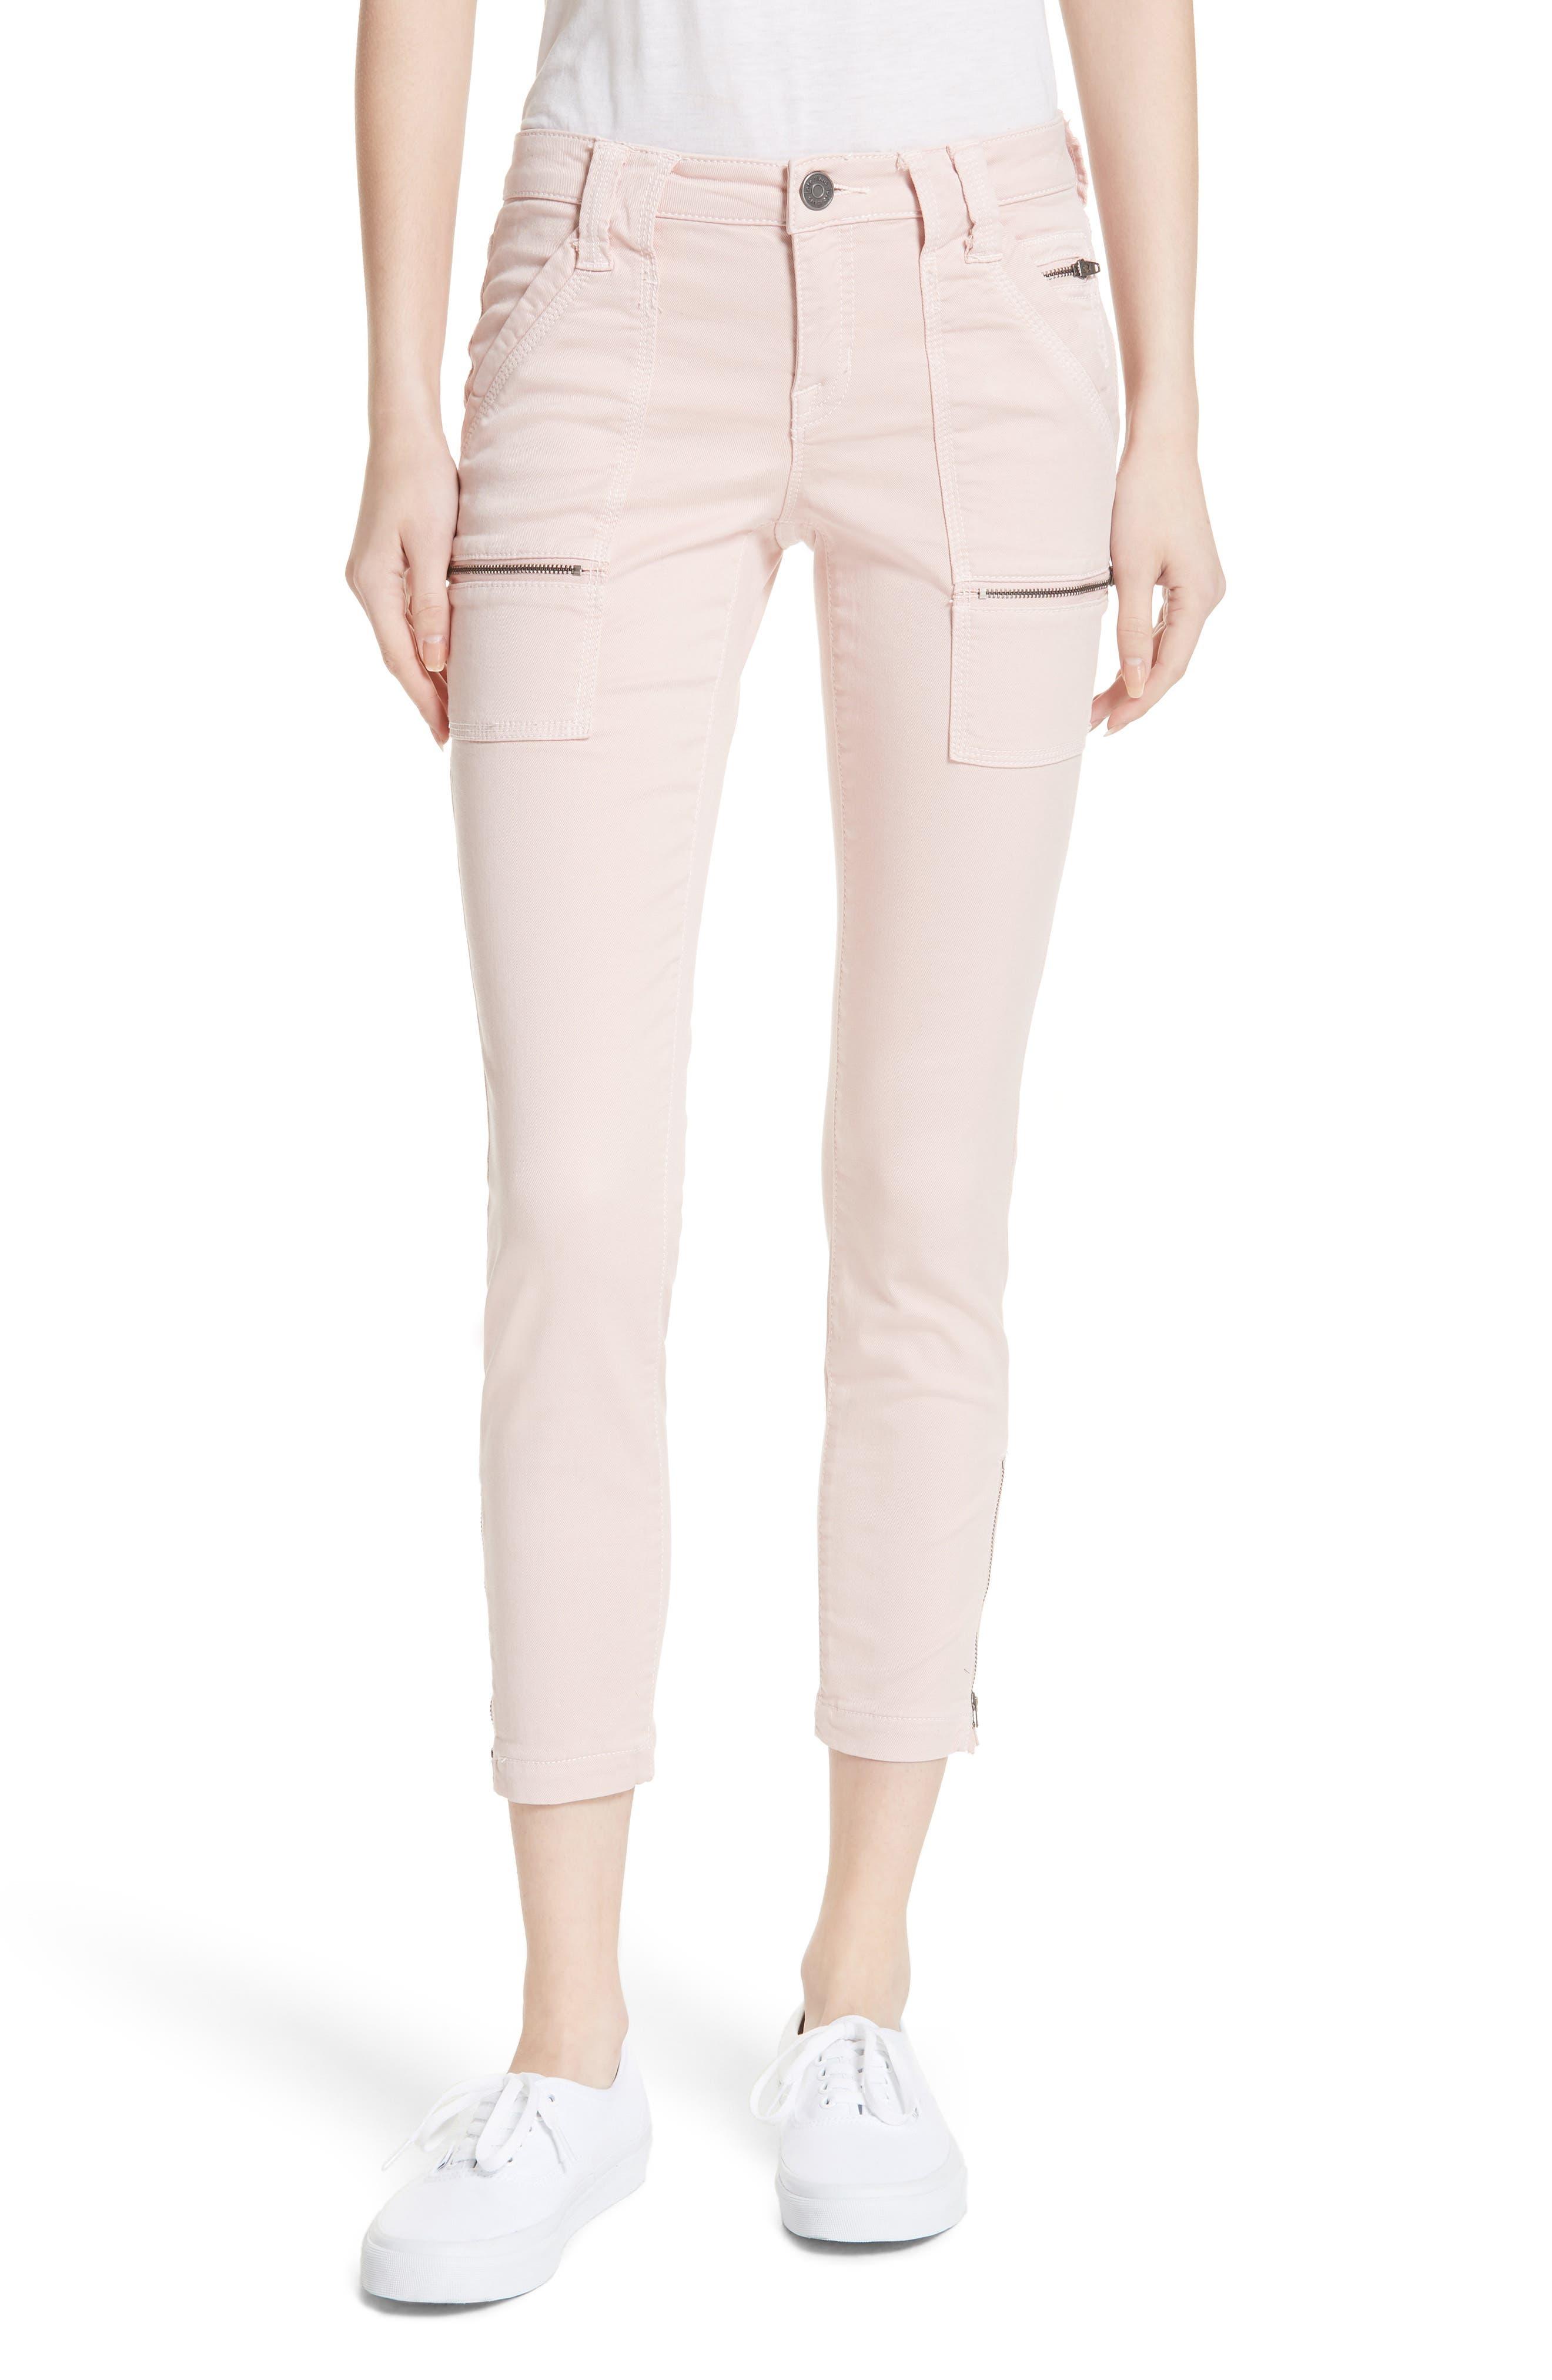 Park Skinny Pants,                         Main,                         color, Washed Rose